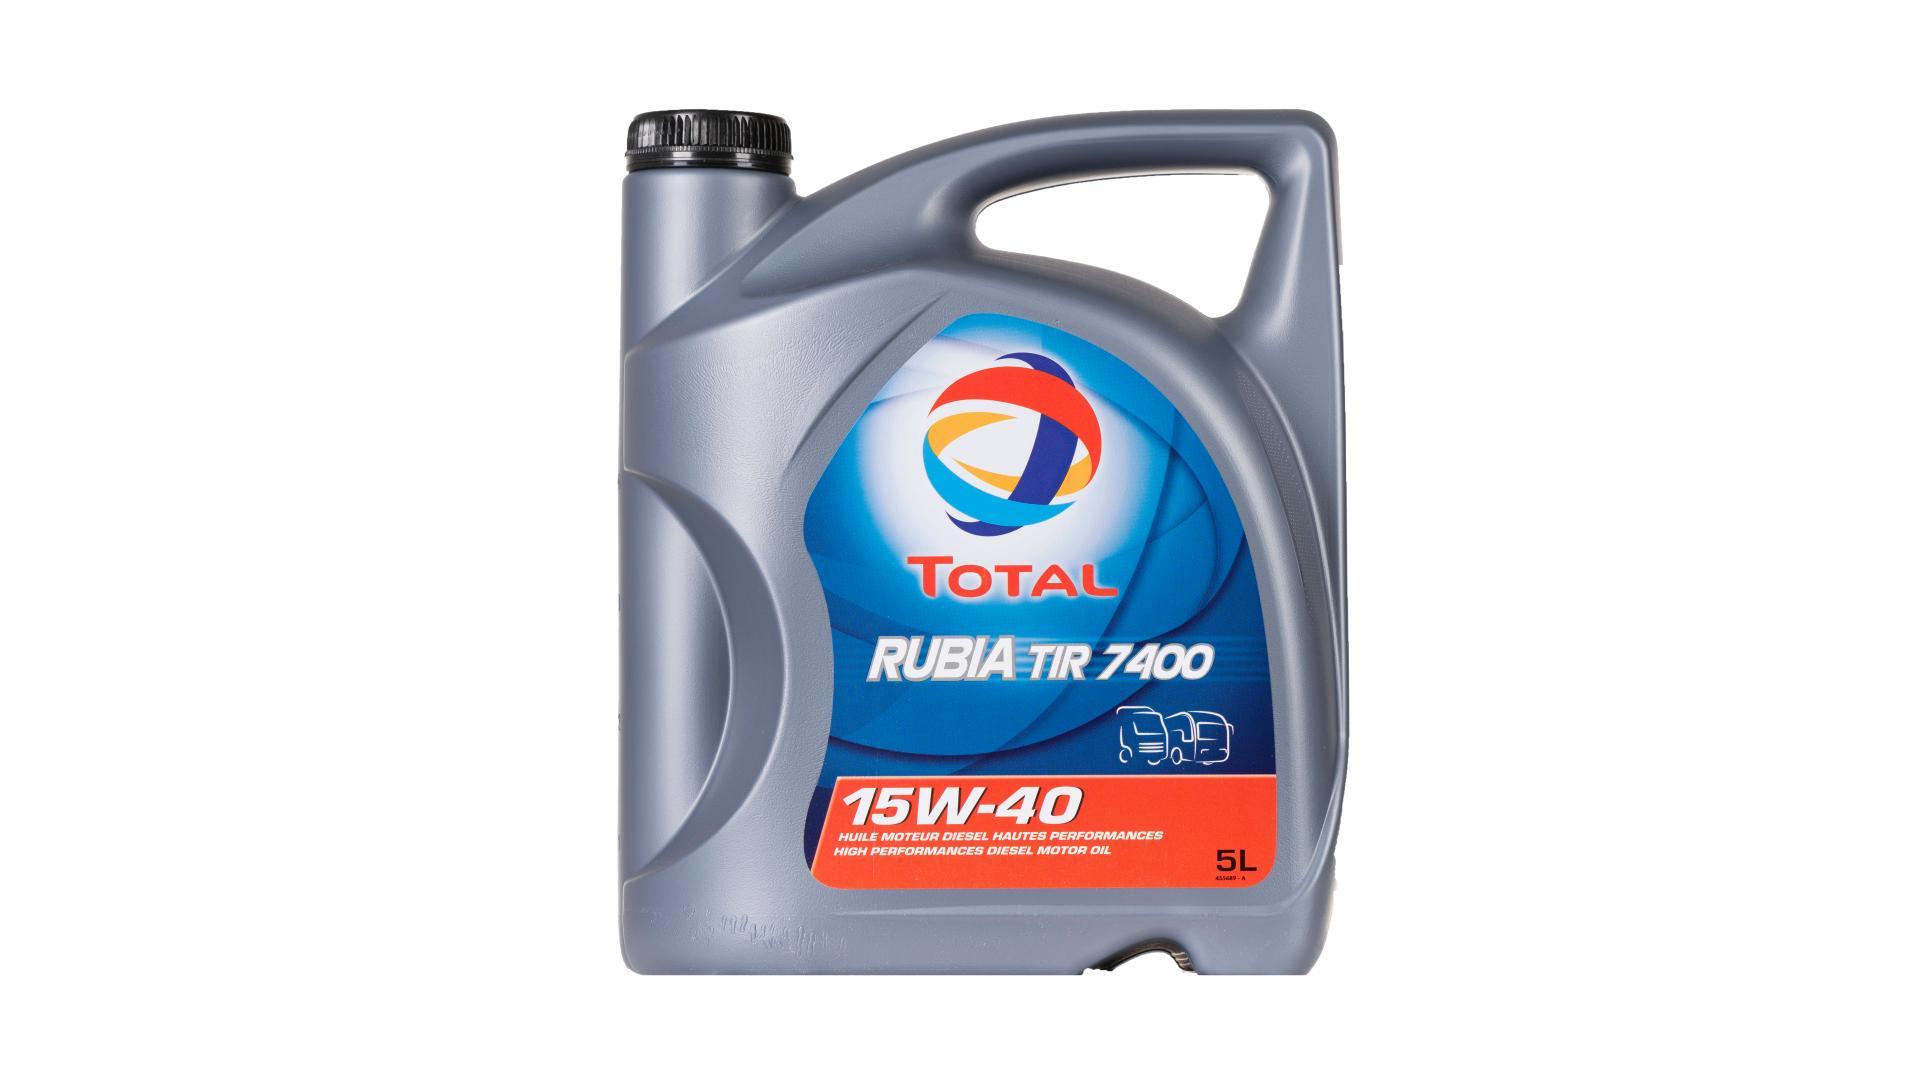 Total 15w-40 RubiaTir 7400 5L (148585)